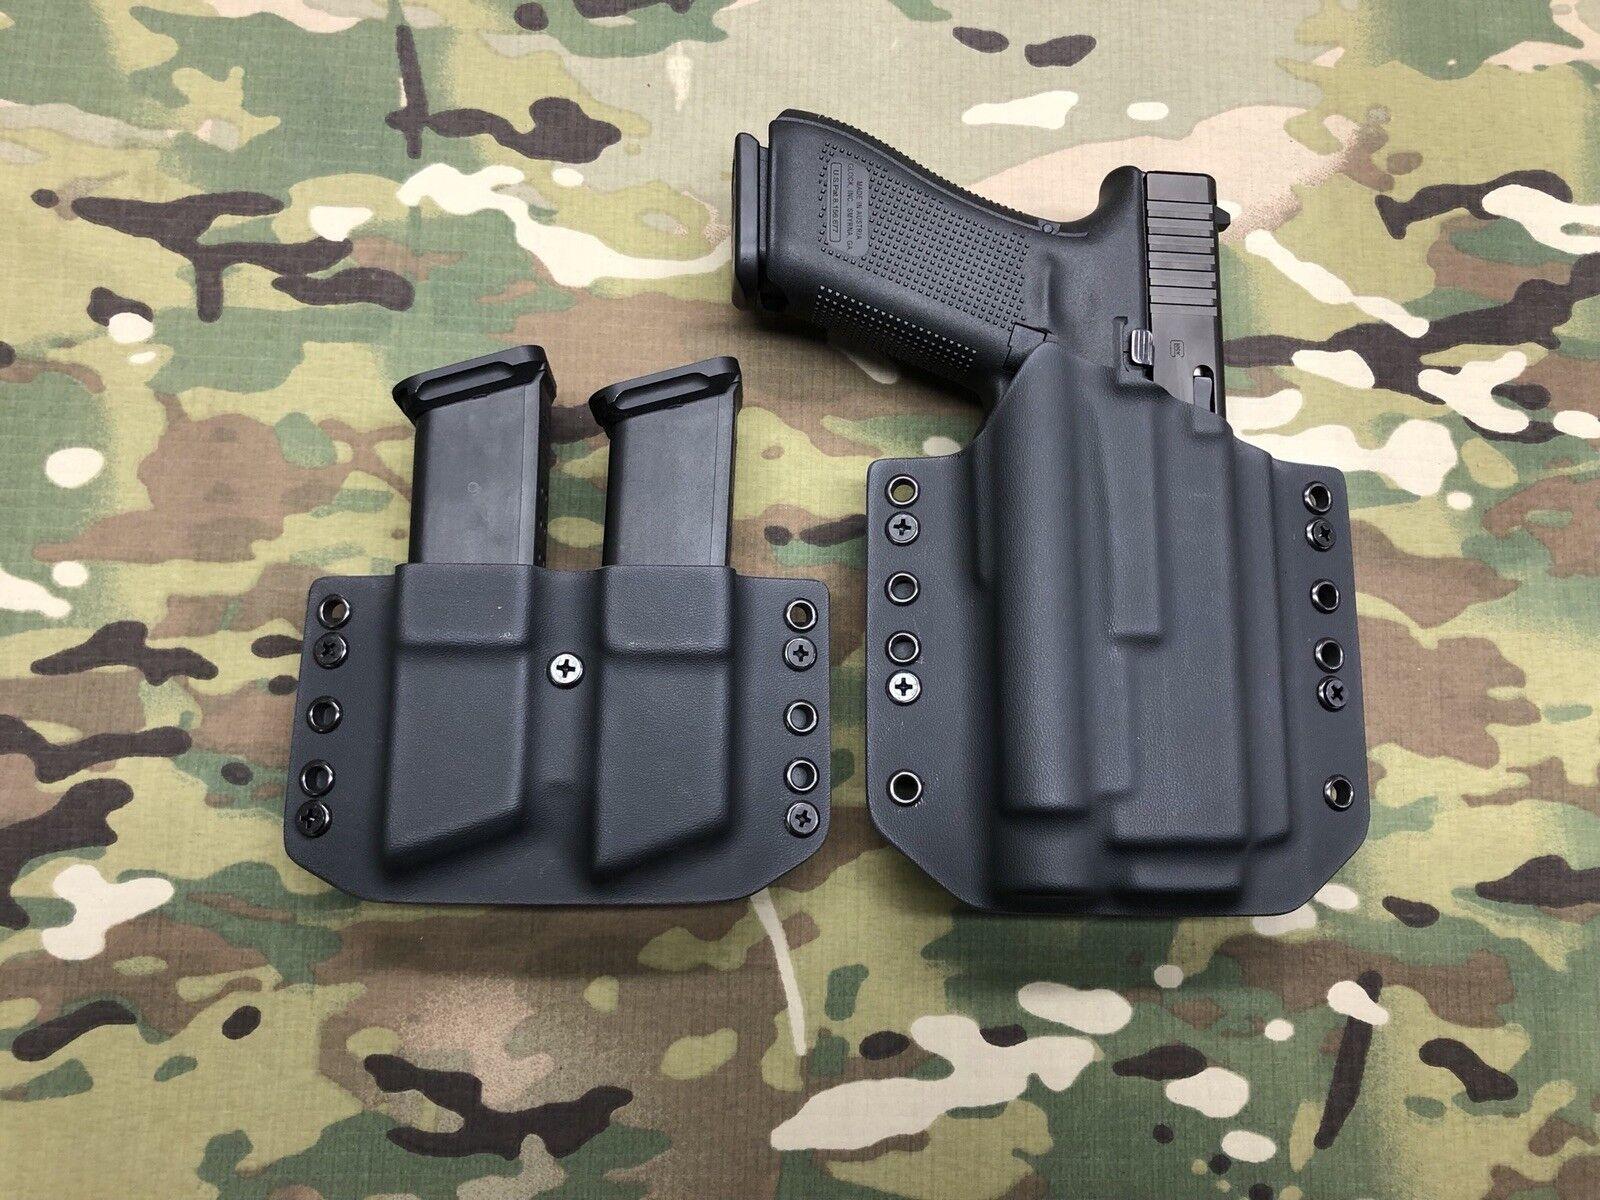 Negro Funda De Kydex Glock 17 22 Olight PL-2 Valkyrie & Doble Compartimiento portador